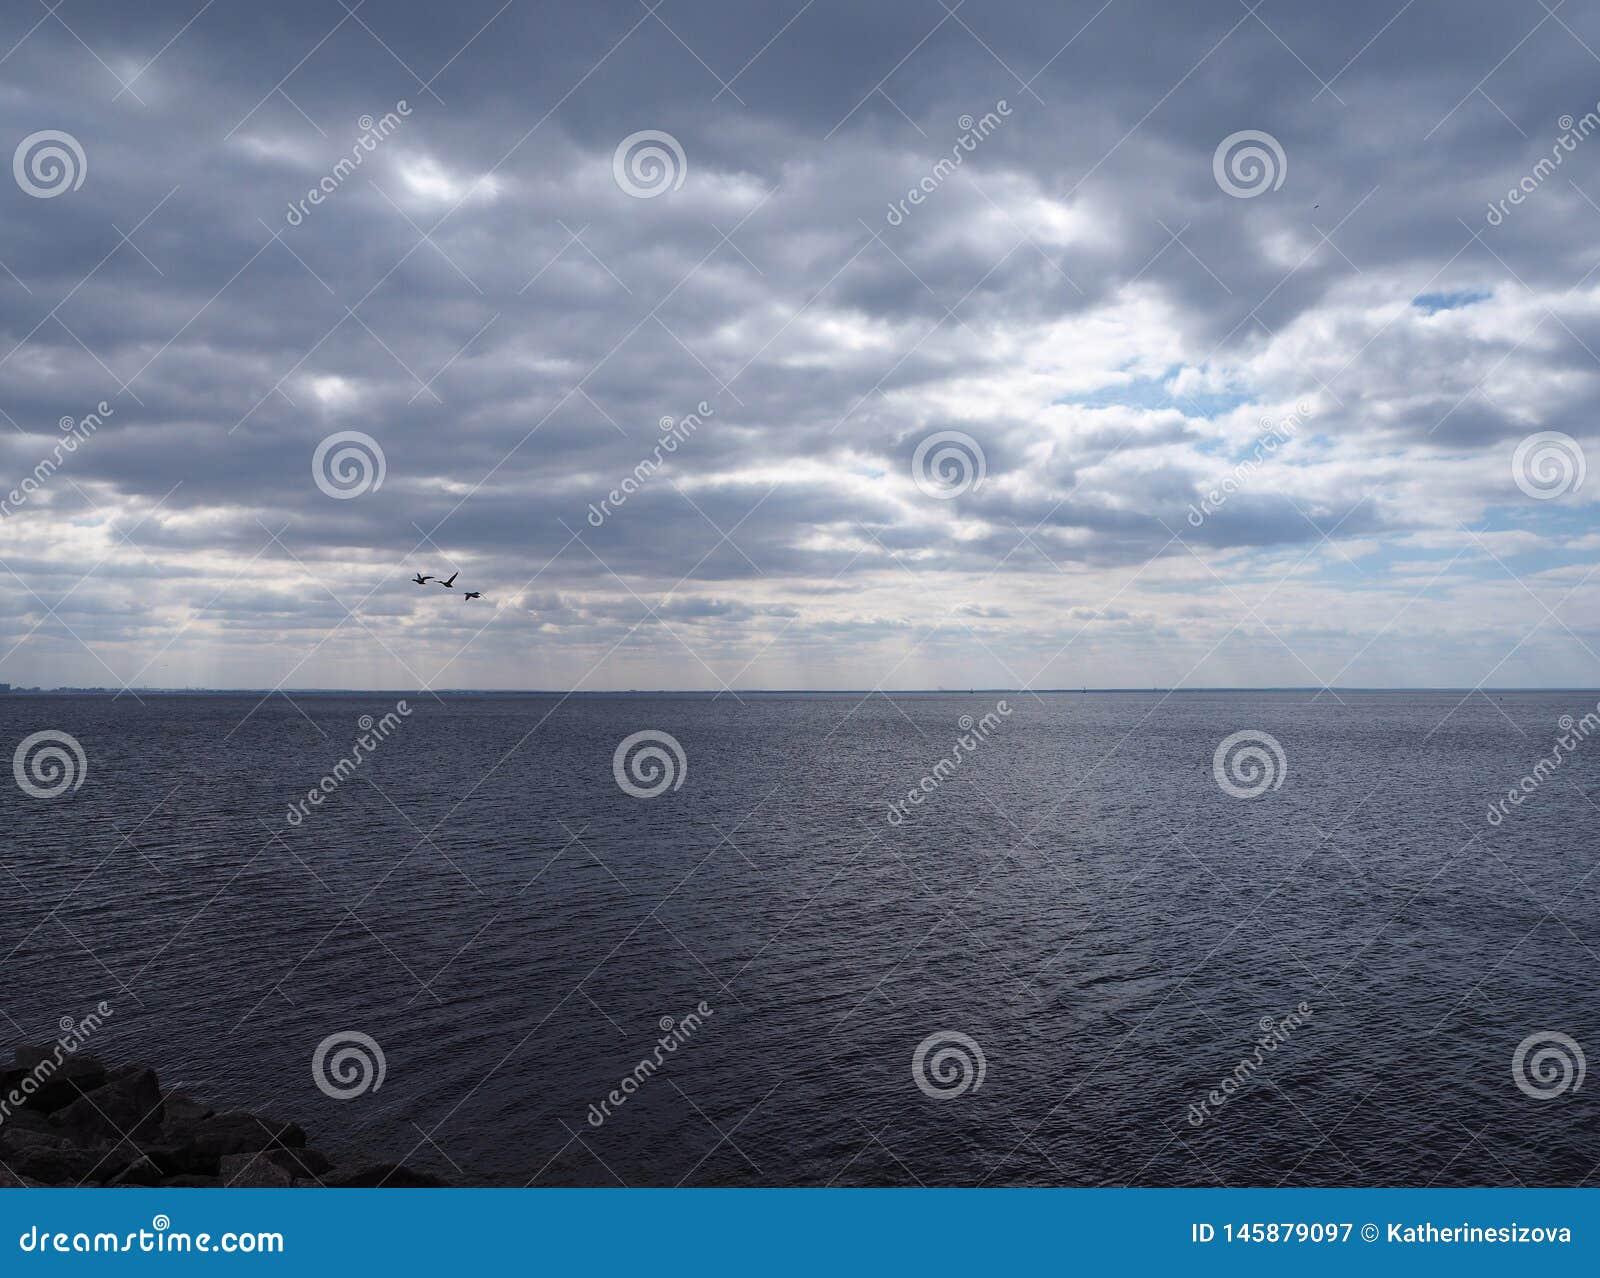 Dramatyczny ciemny chmurny niebo nad morzem